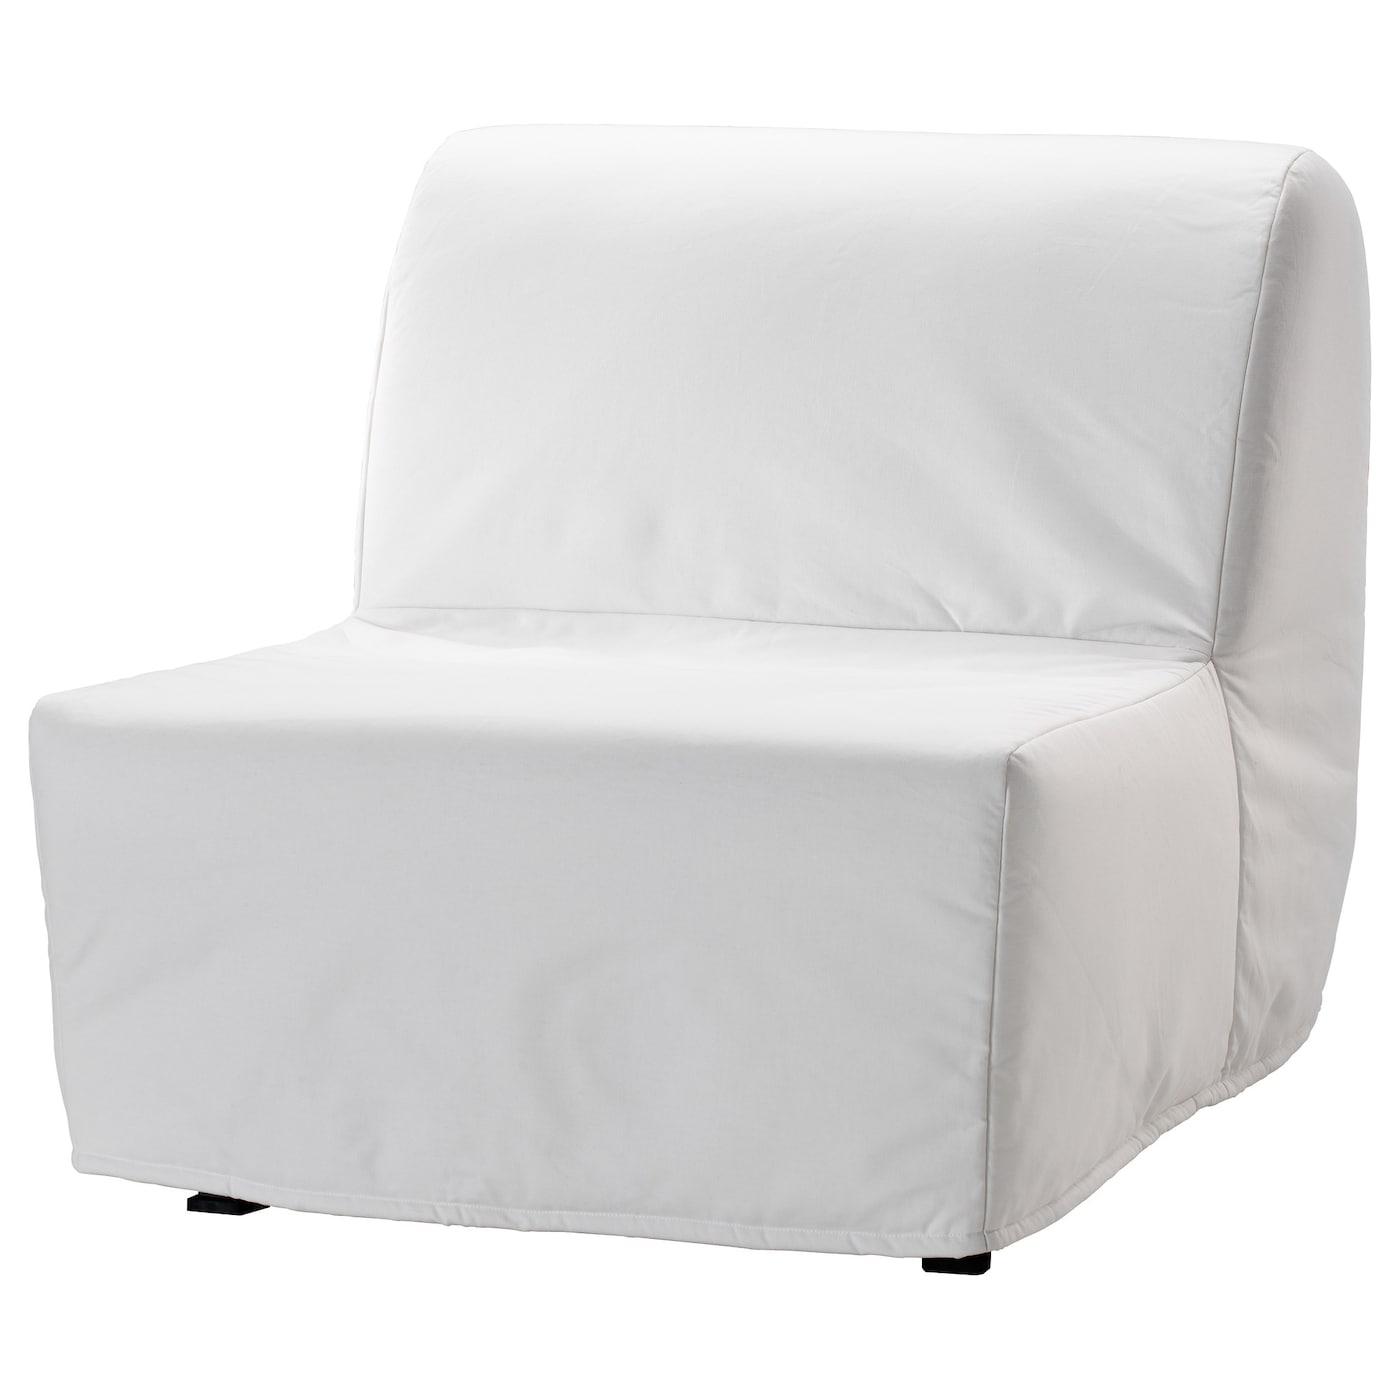 IKEA LYCKSELE MURBO biały fotel rozkładany